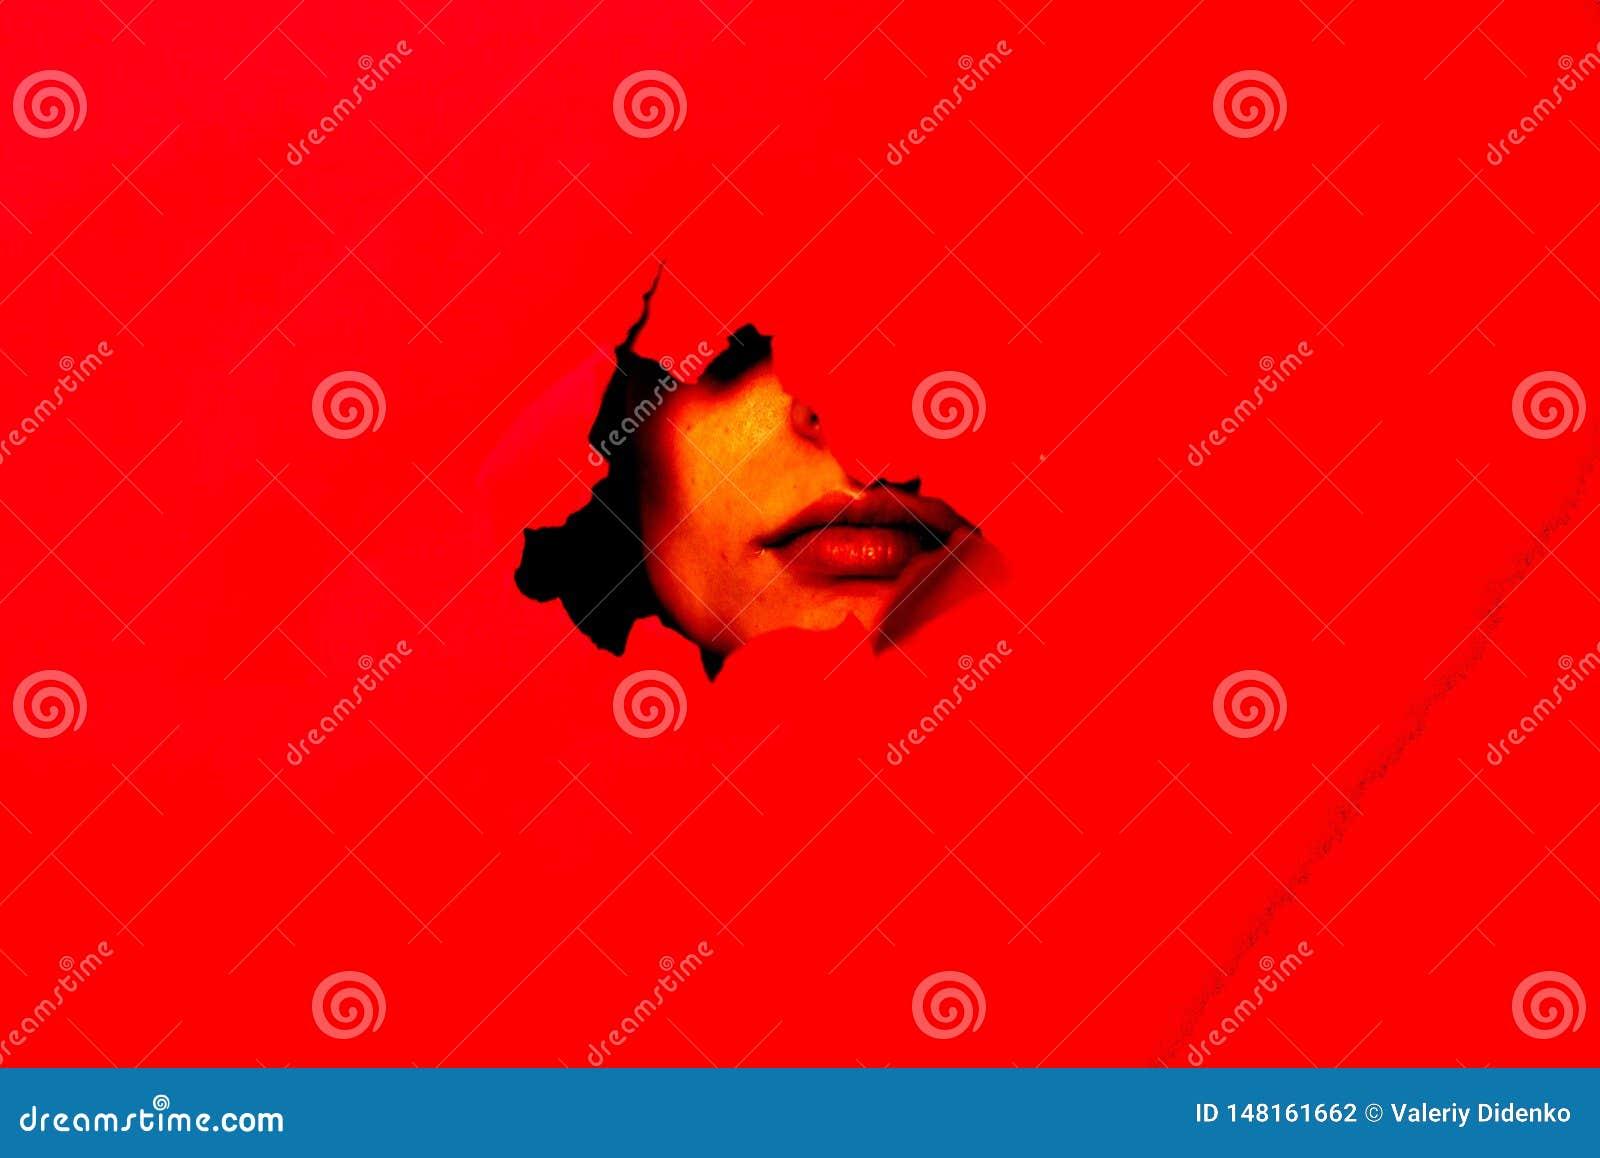 No fundo vermelho, a cara pode ser vista no furo